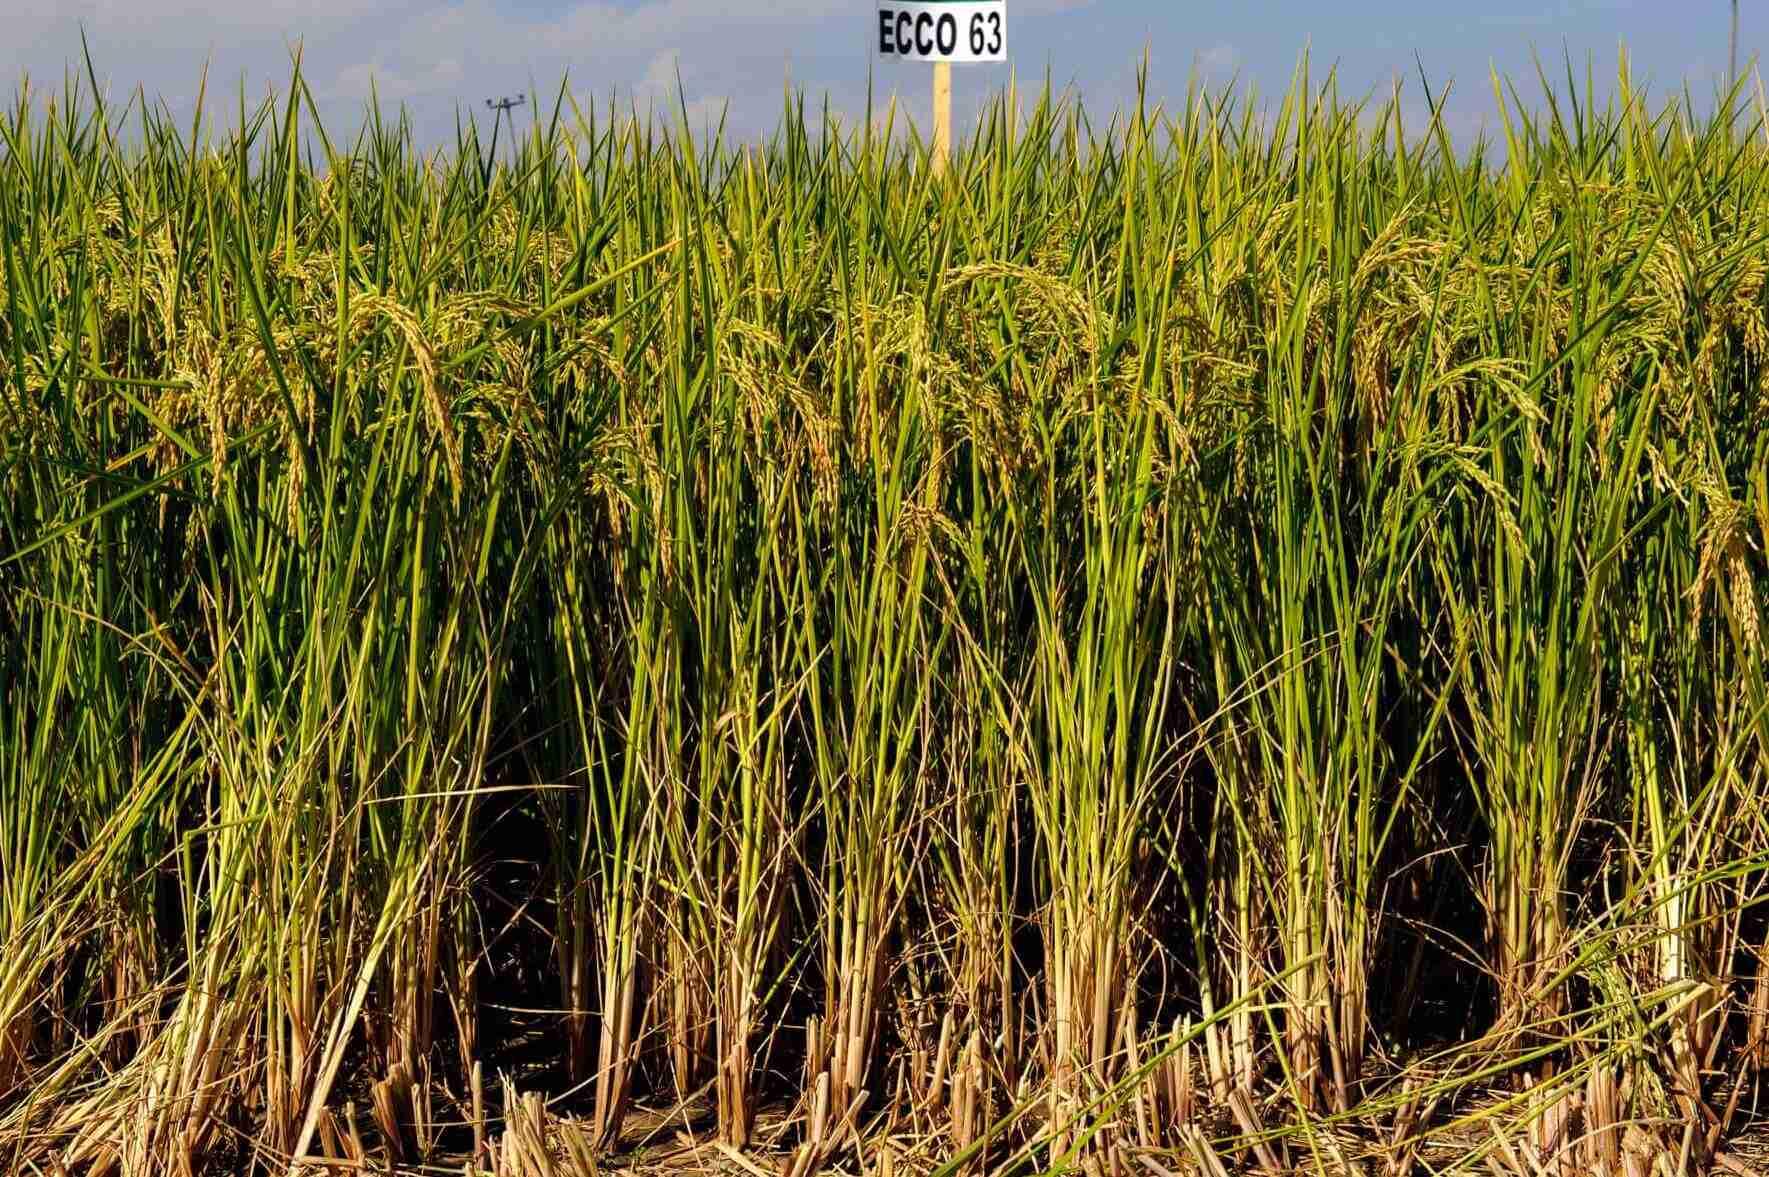 sementi riso ecco 63 coltivazione spighe